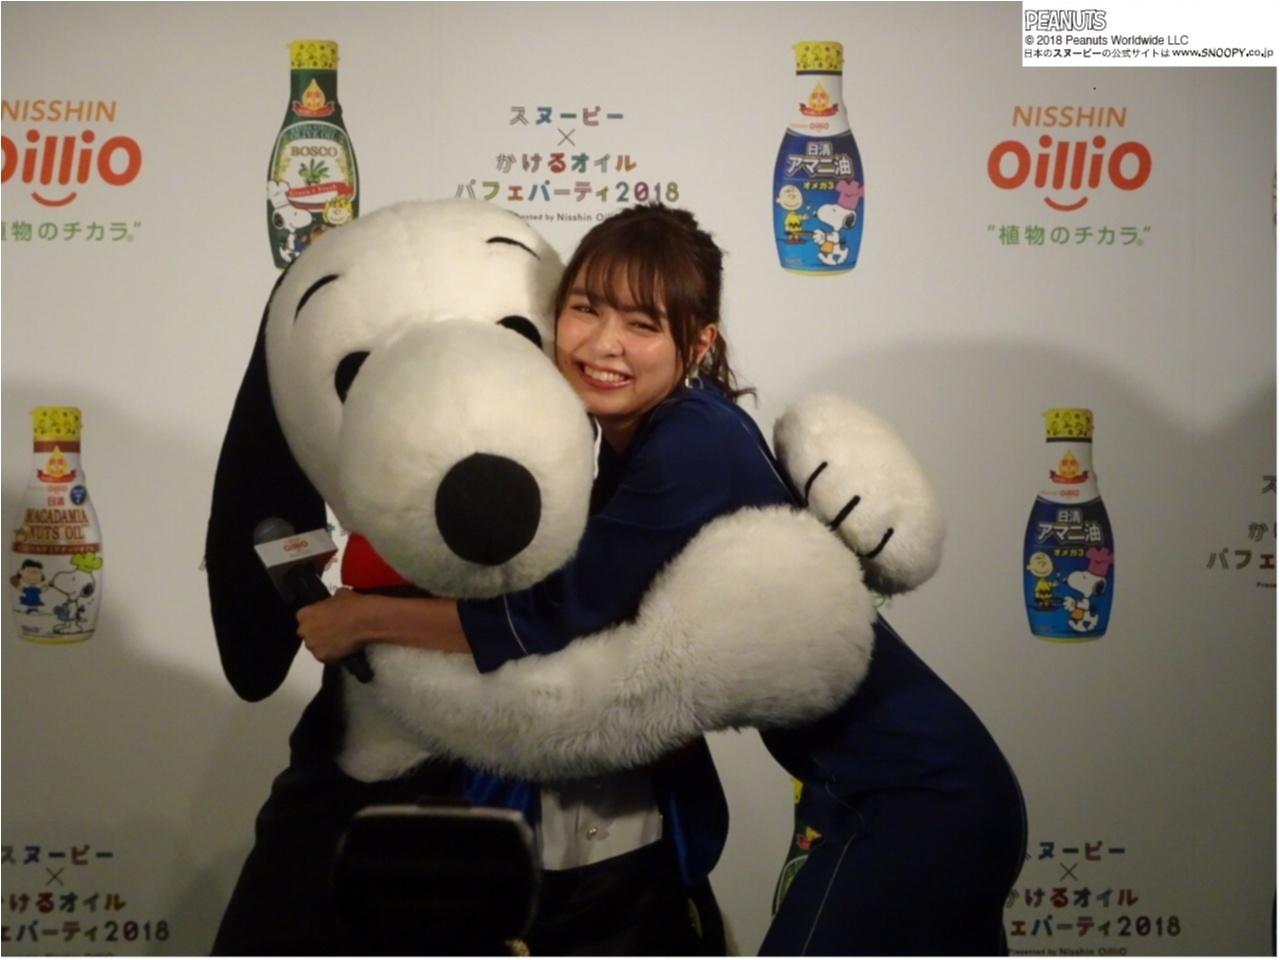 「大好きなスヌーピーにあえて幸せ」!! 内田理央ちゃんが『日清オイリオ』のイベントに登場♡_2